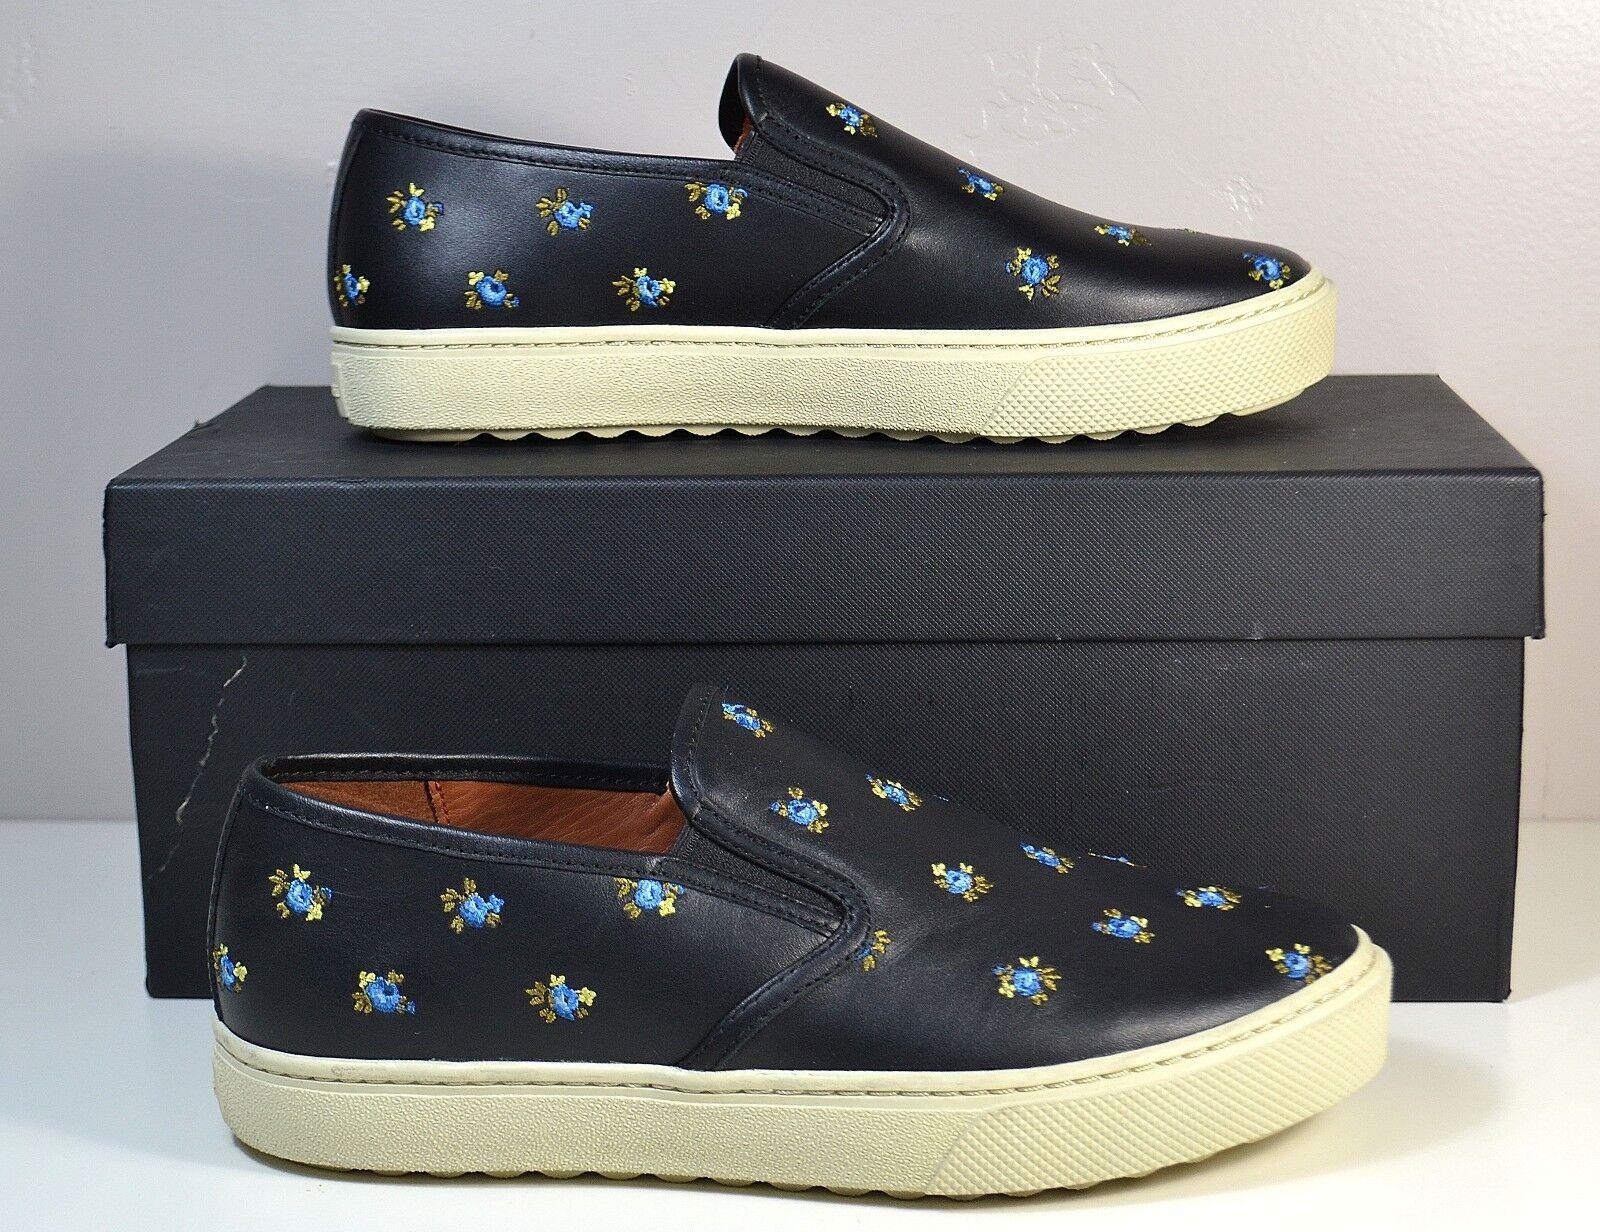 Plumín ENTRENADOR ENTRENADOR ENTRENADOR Prairie Floral Negro De Cuero Sin Cordones Tenis Zapatos Talla 6-11 C115  en linea